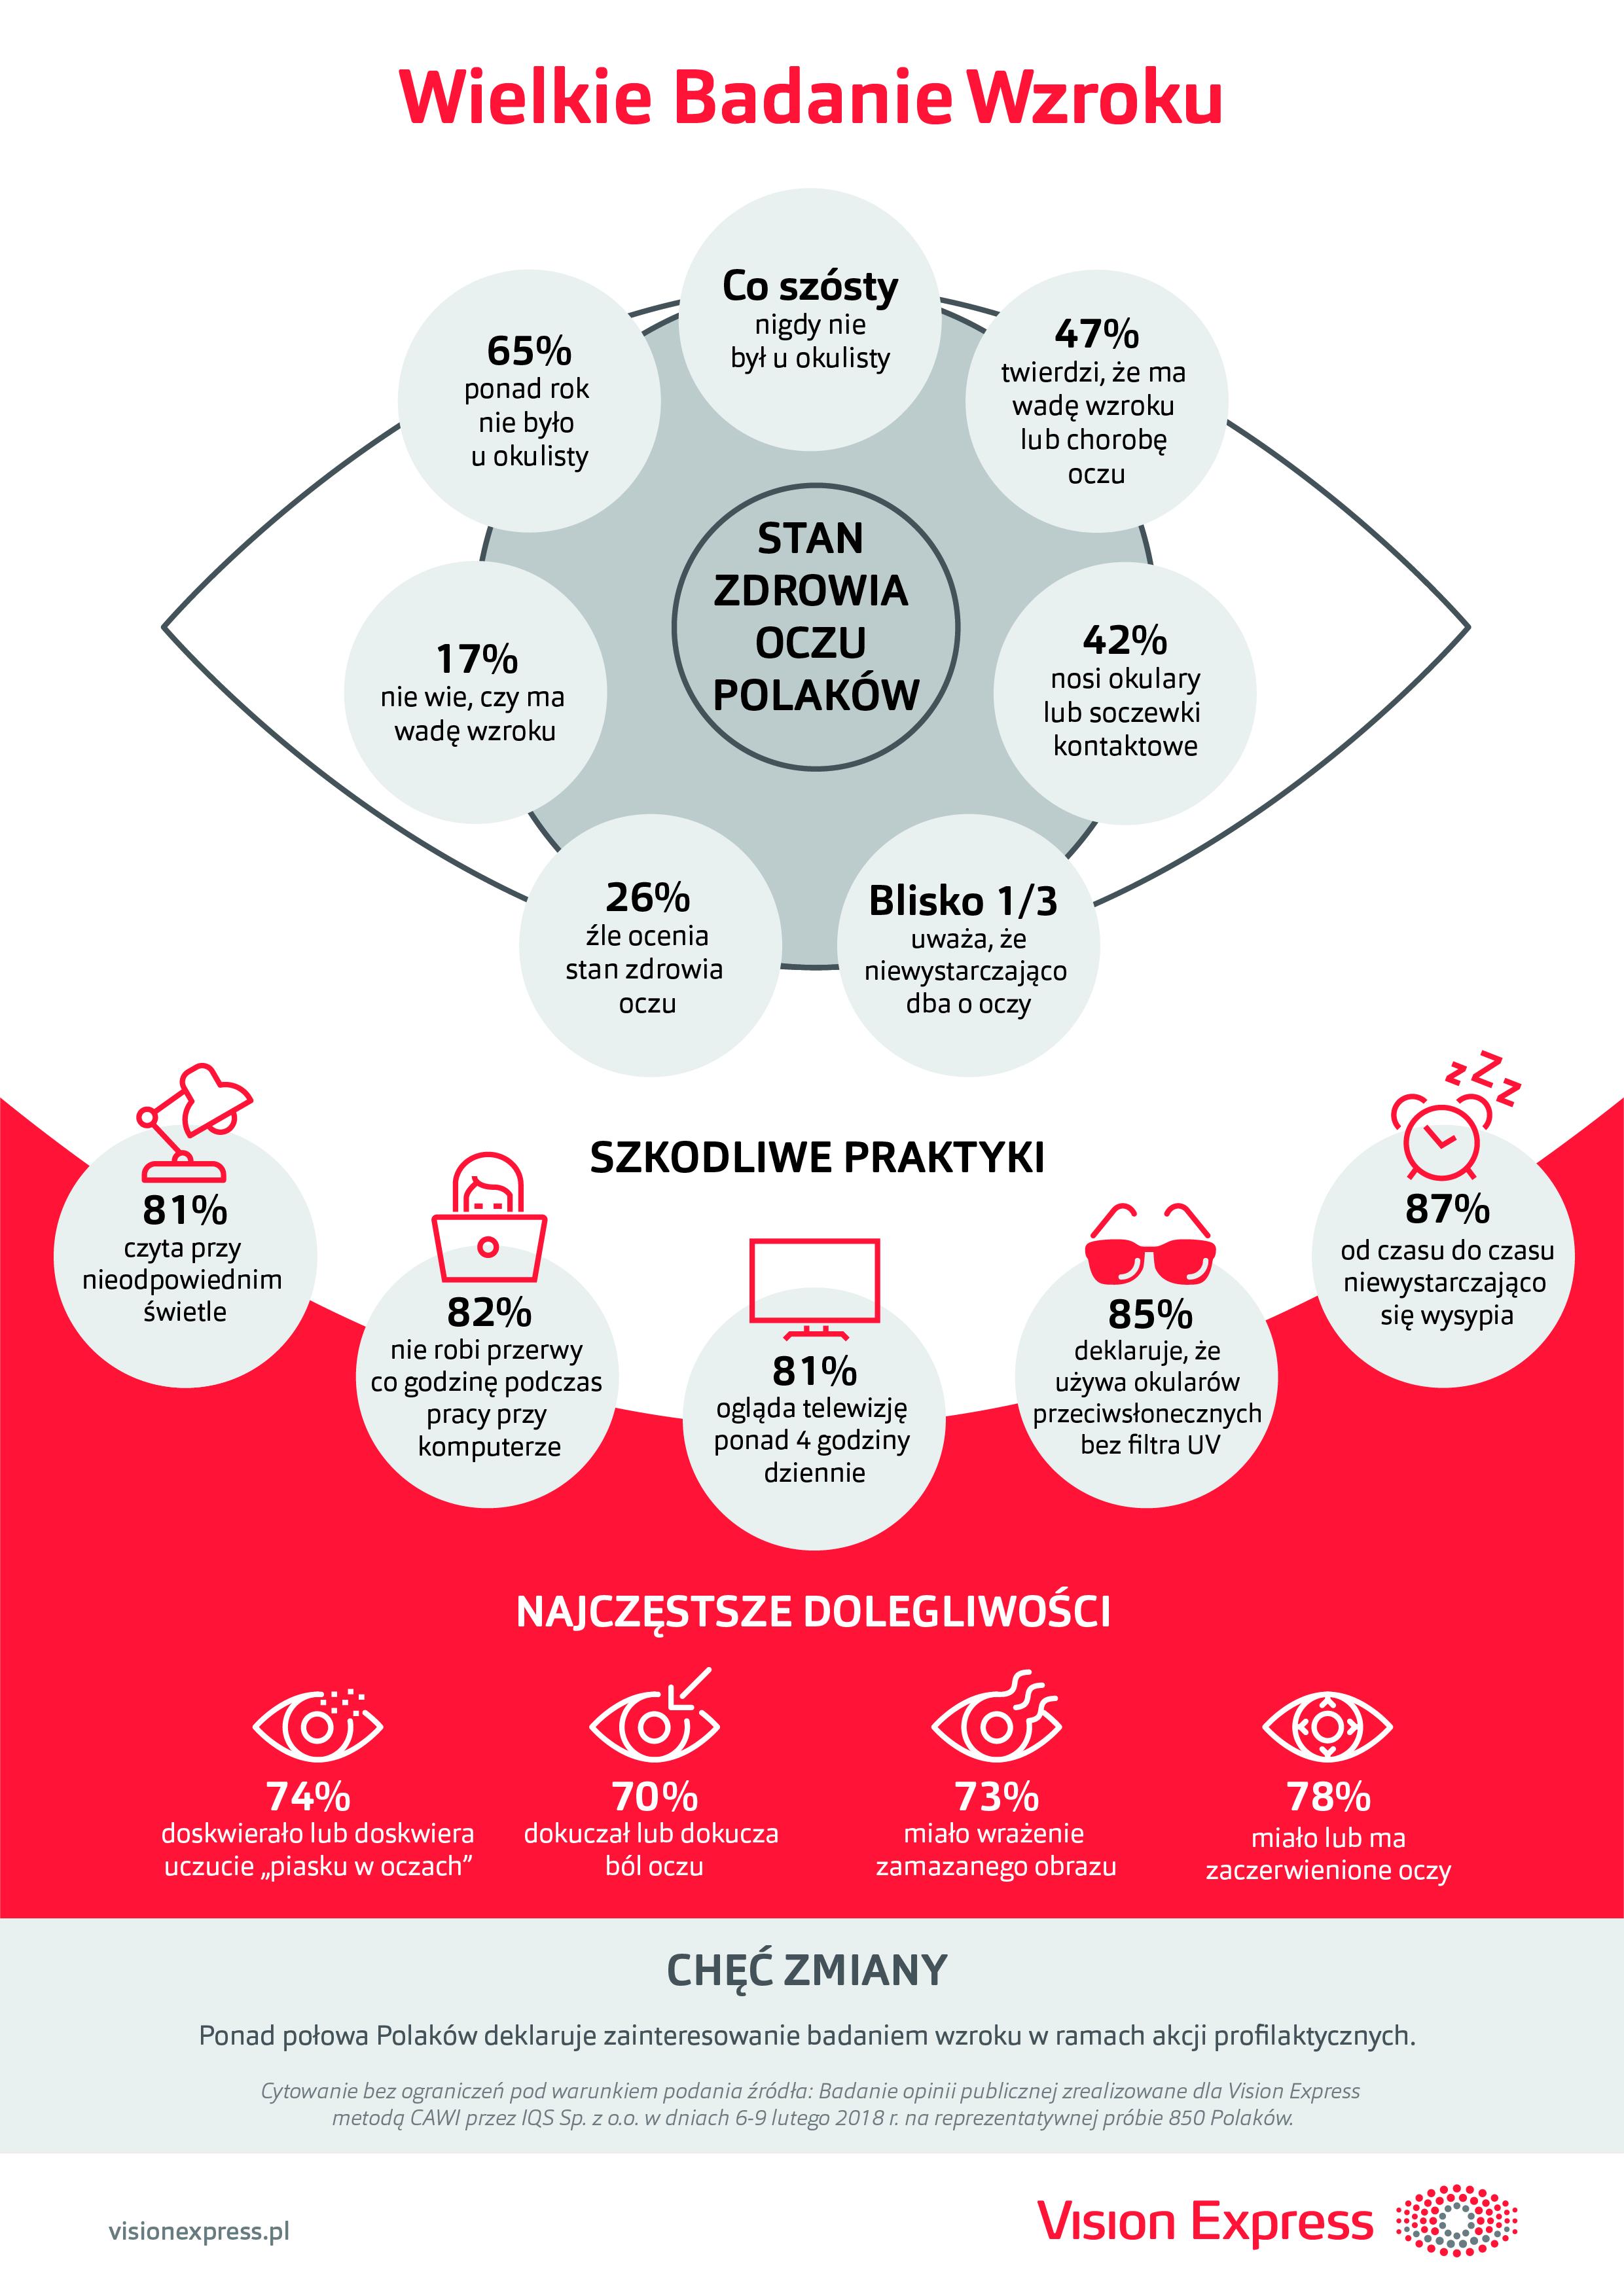 infografika_Wielkie Badanie Wzroku_300 dpi